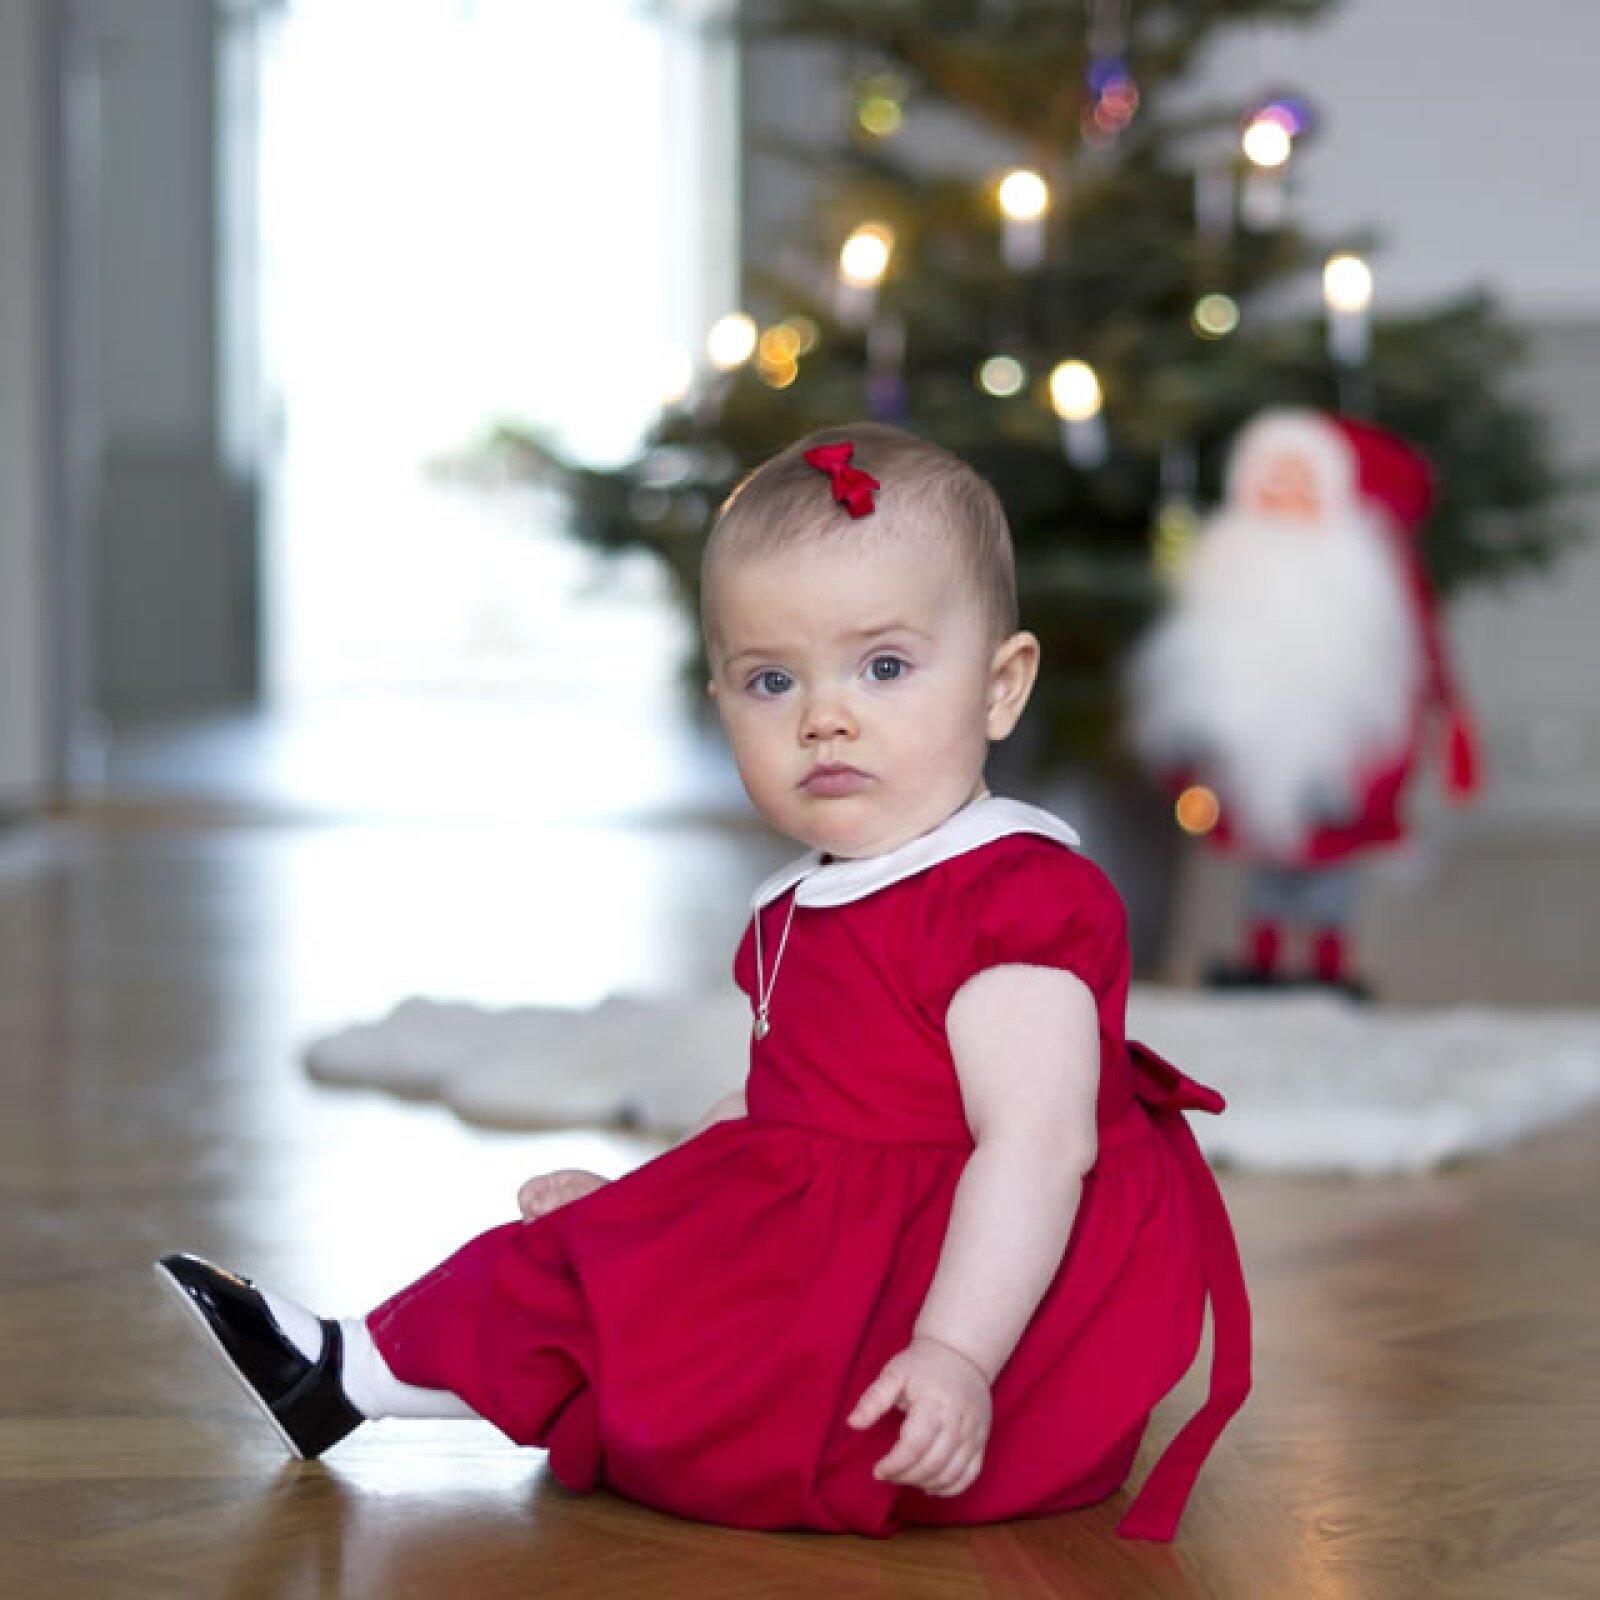 La casa real emitió esta imagen conmemorativa de Estelle en Navidad.